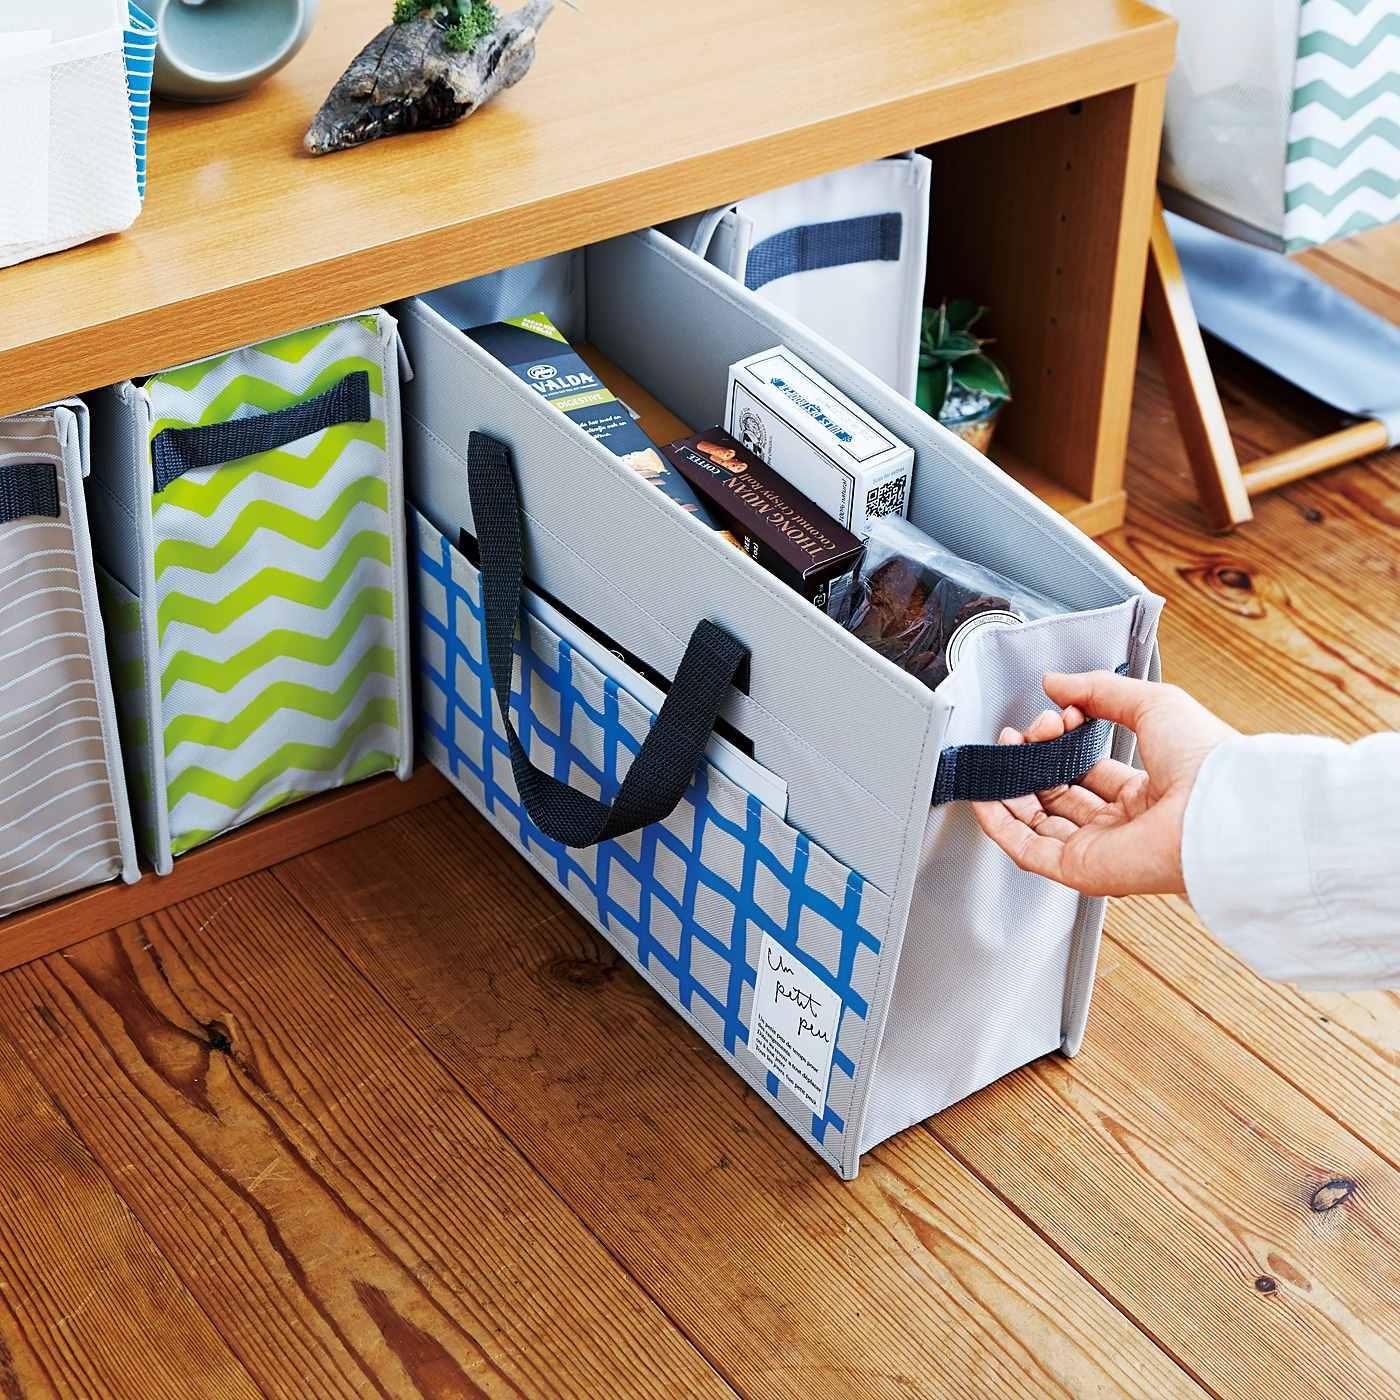 引き手付きなので出すときに便利。テーブル下など、デッドスペース収納にも。